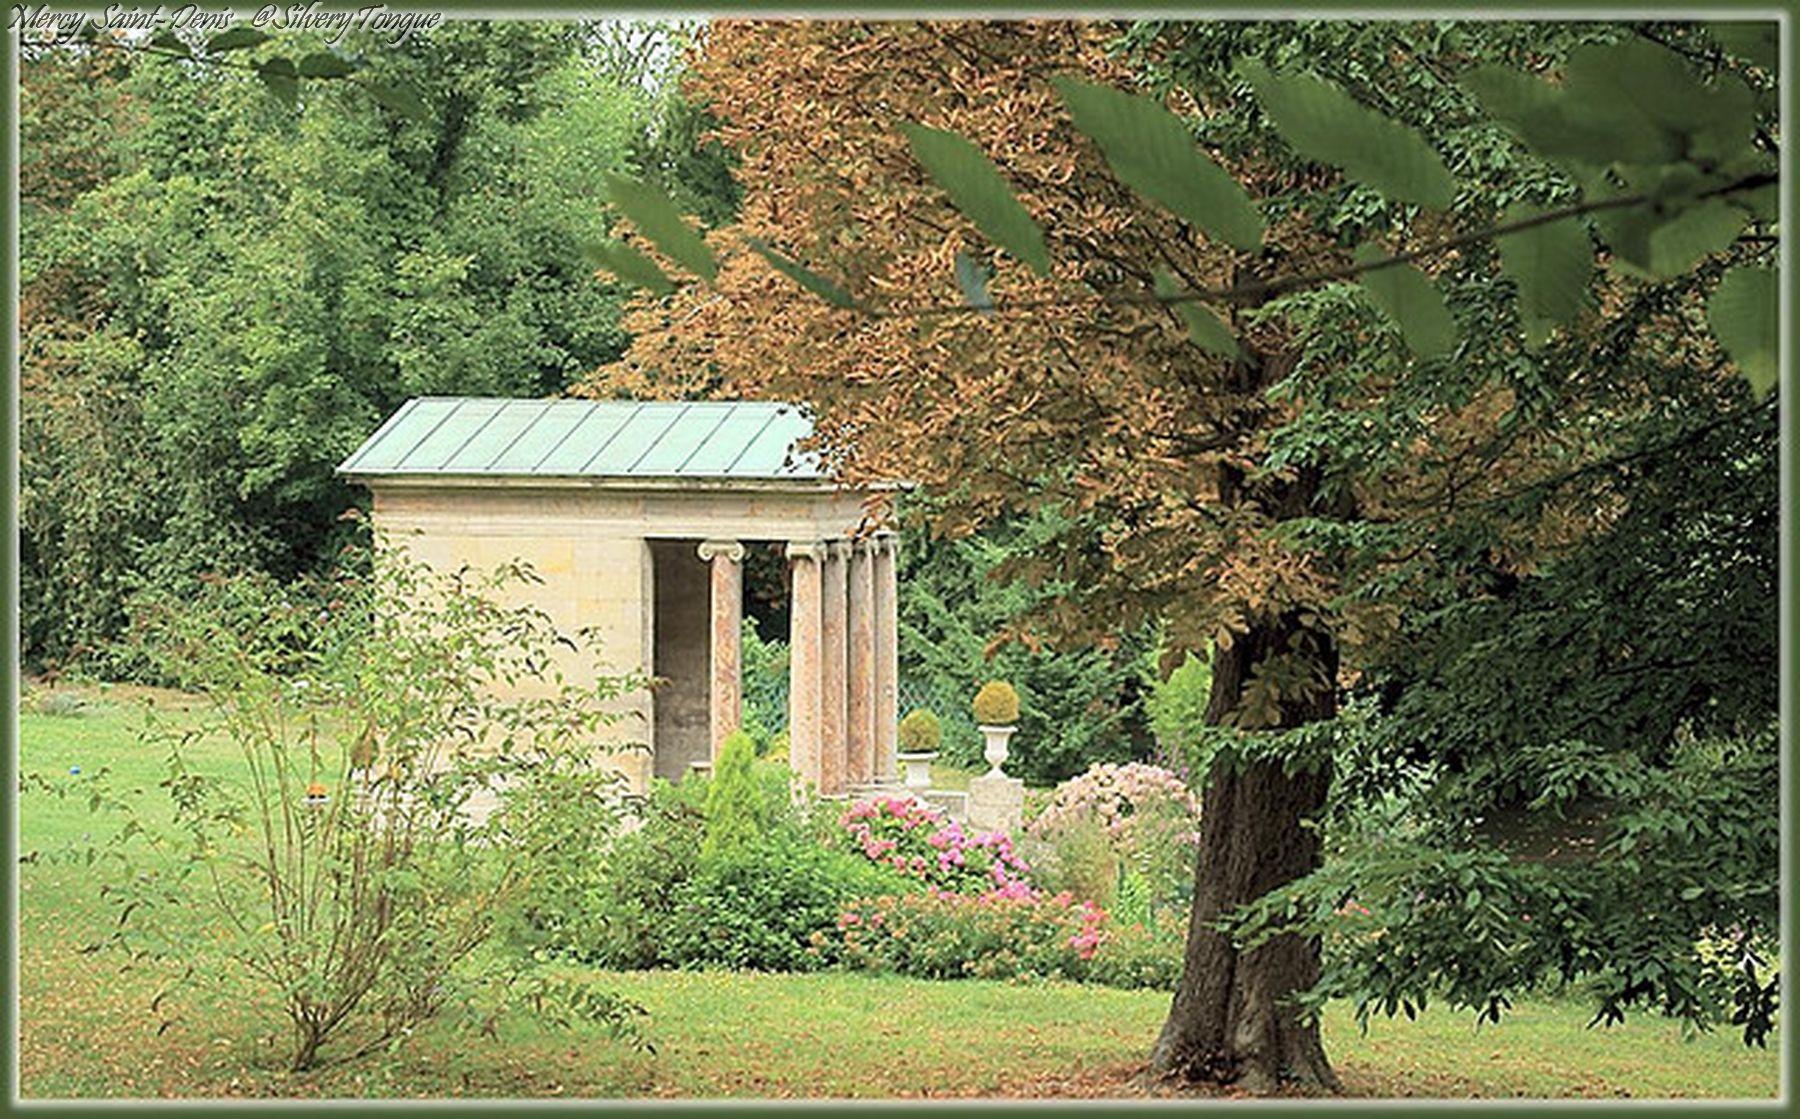 Le temple de l 39 amour dans le parc de malmaison ch teau de la malmaison pinterest ch teau - Parc de la malmaison ...